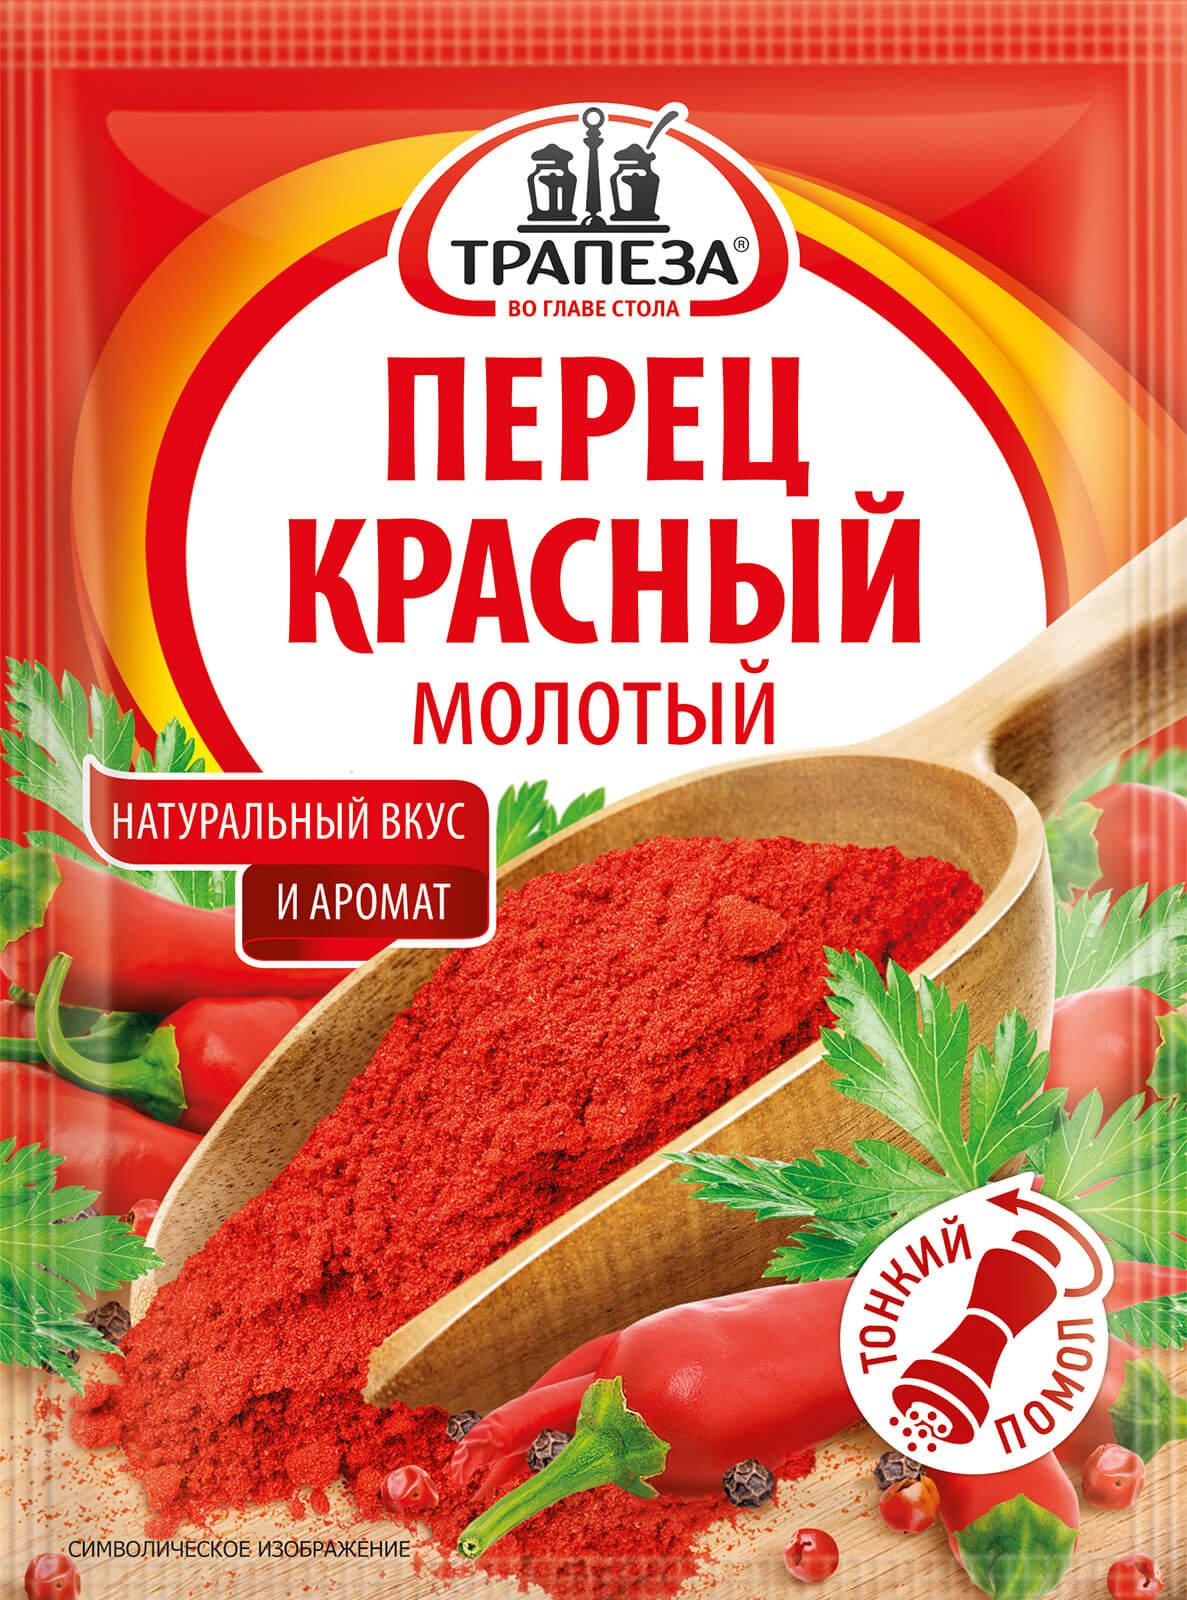 Перец красный молотый Трапеза 50г.